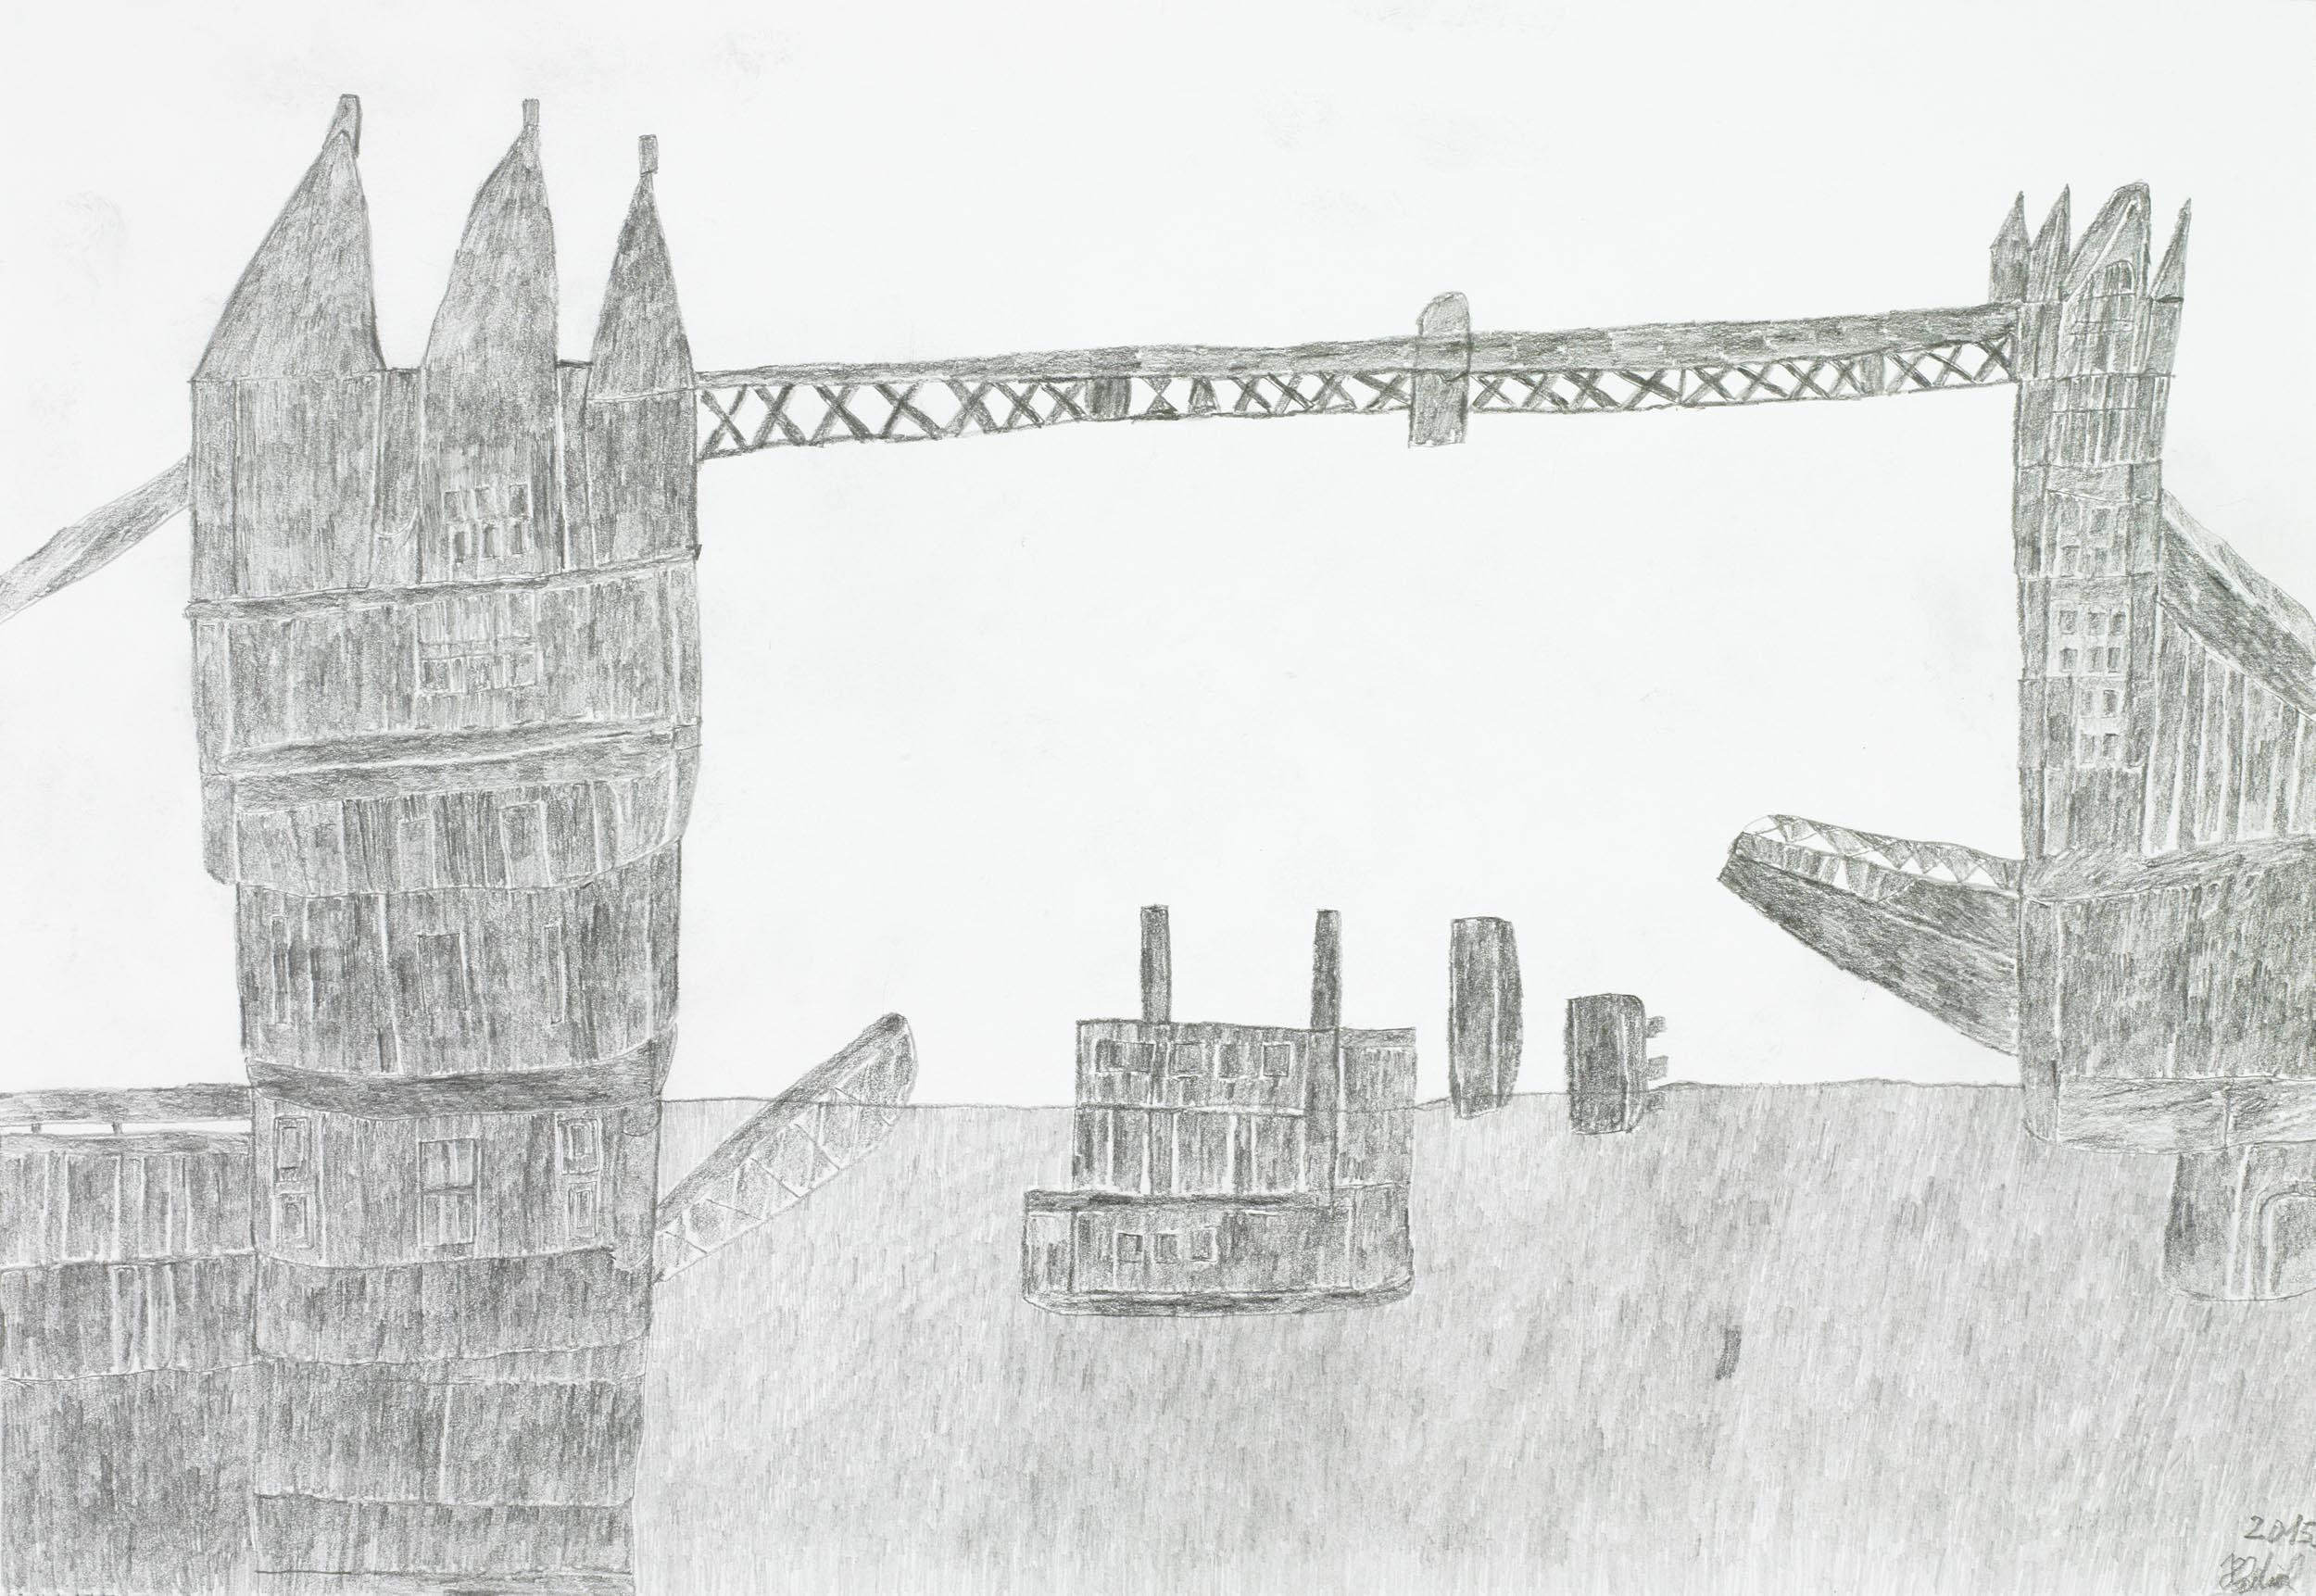 hladisch helmut - Tower Bridge